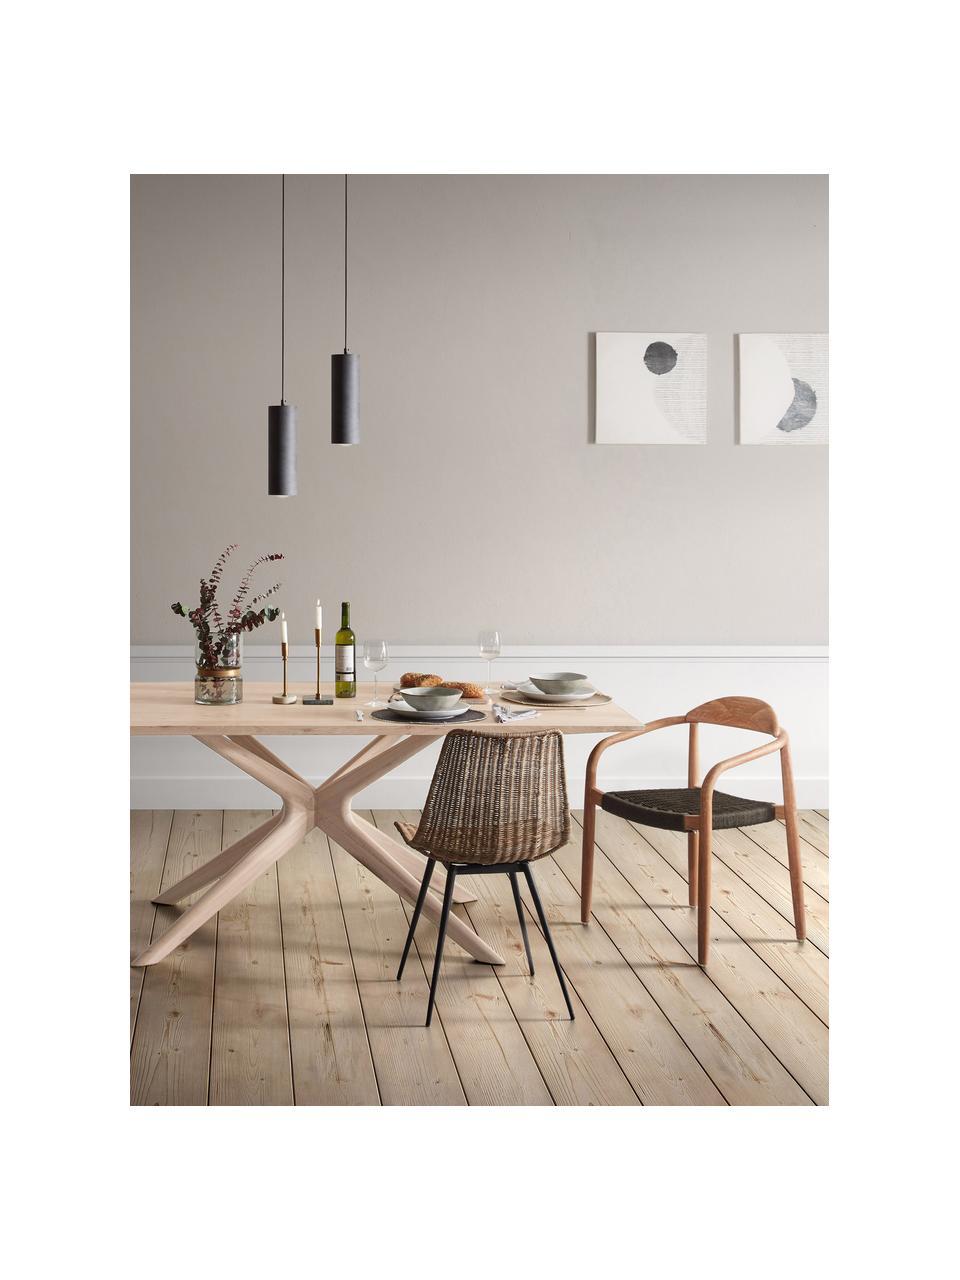 Esstisch Armande, 180 x 90 cm, Eichenholz, gewachst, weiß lackiert, Eichenholz, B 180 x T 90 cm